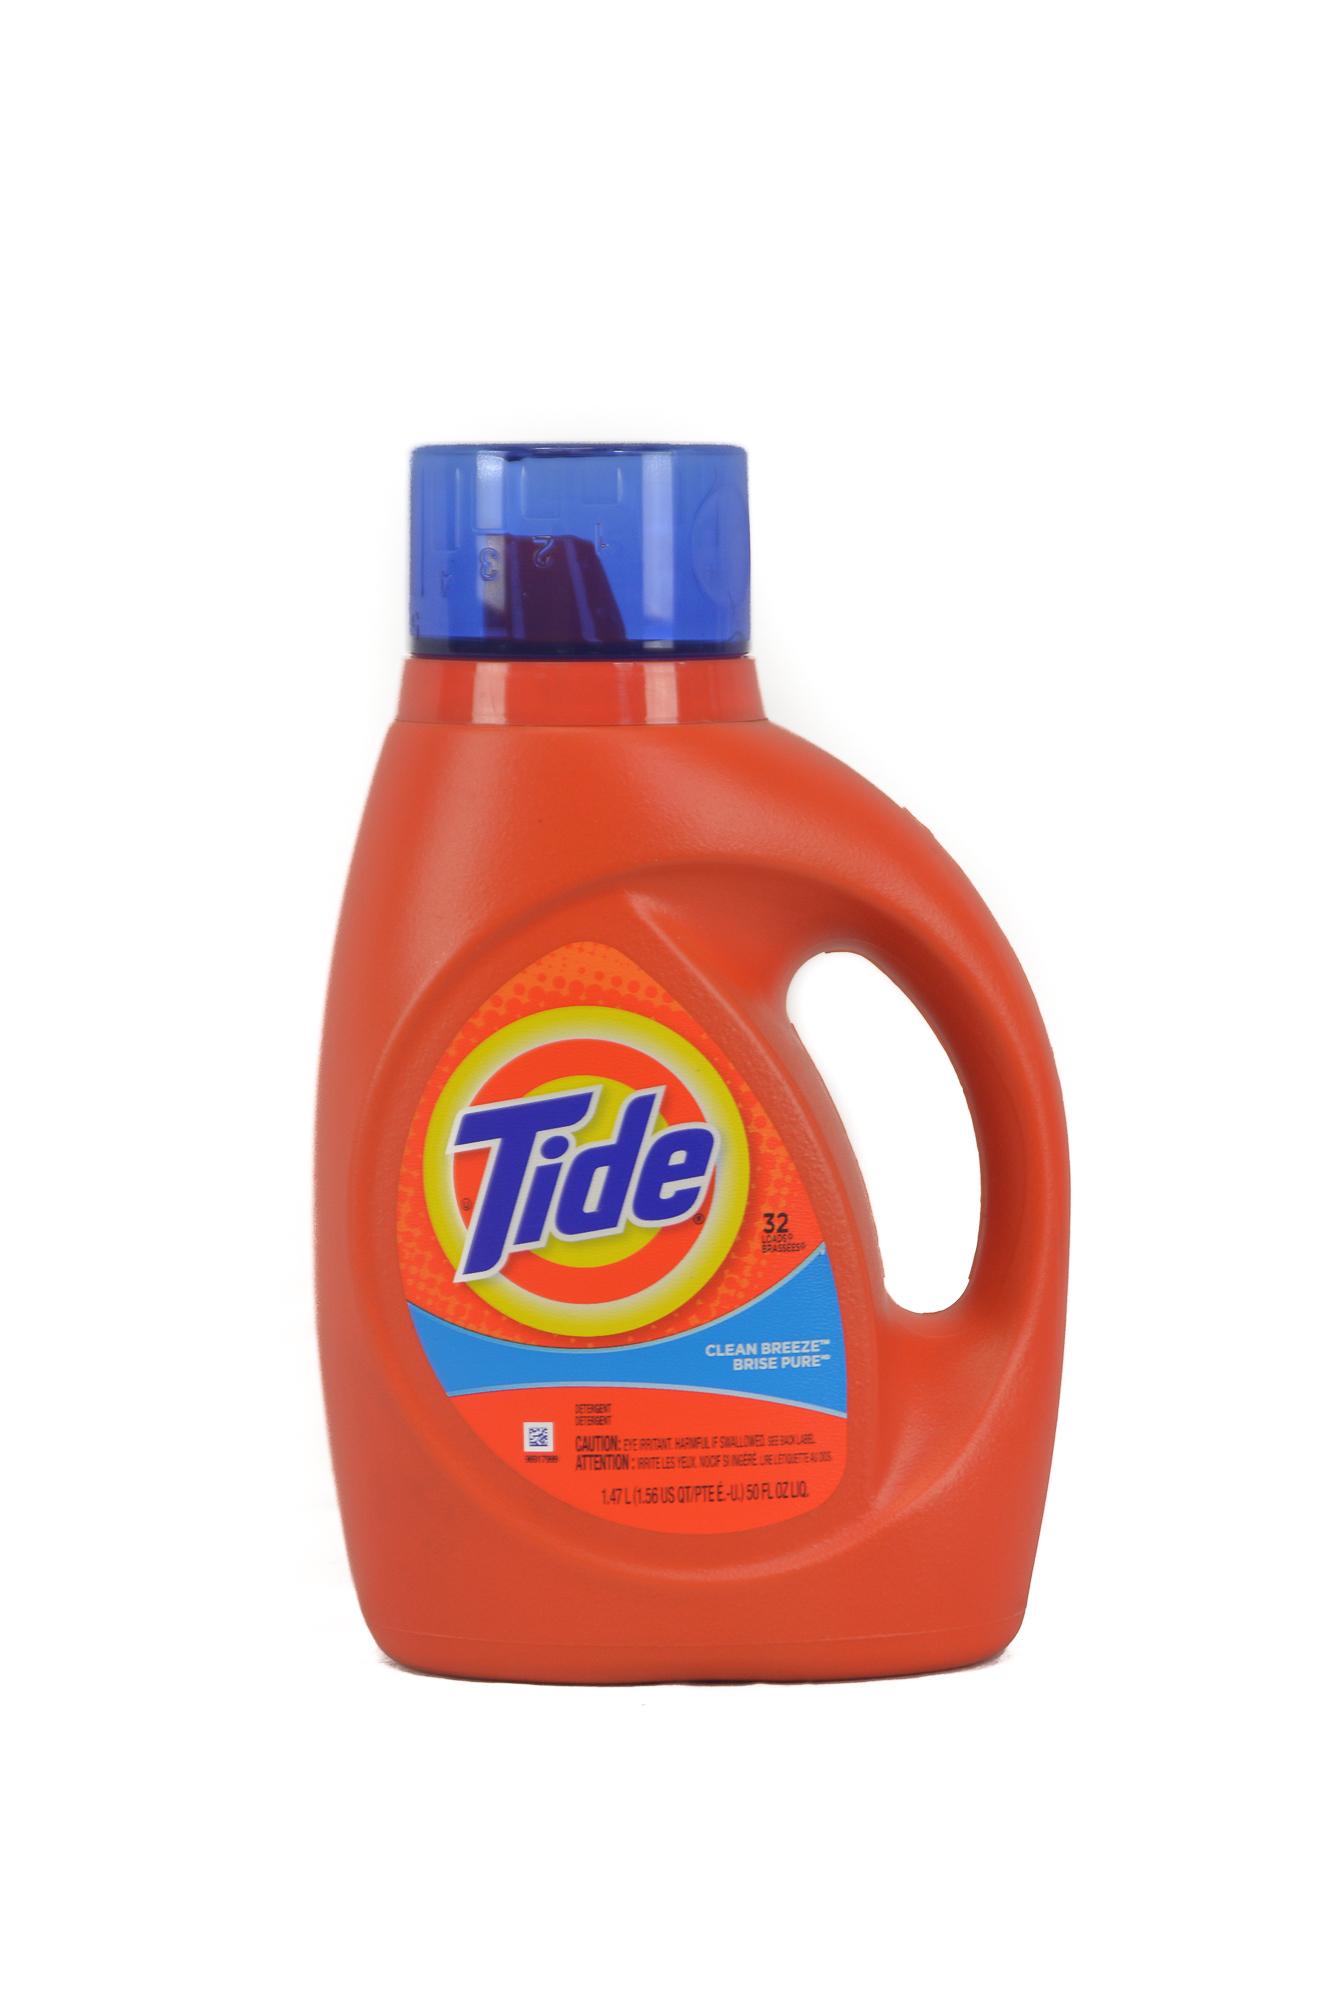 Tide Laundry Detergent 1 Gallon